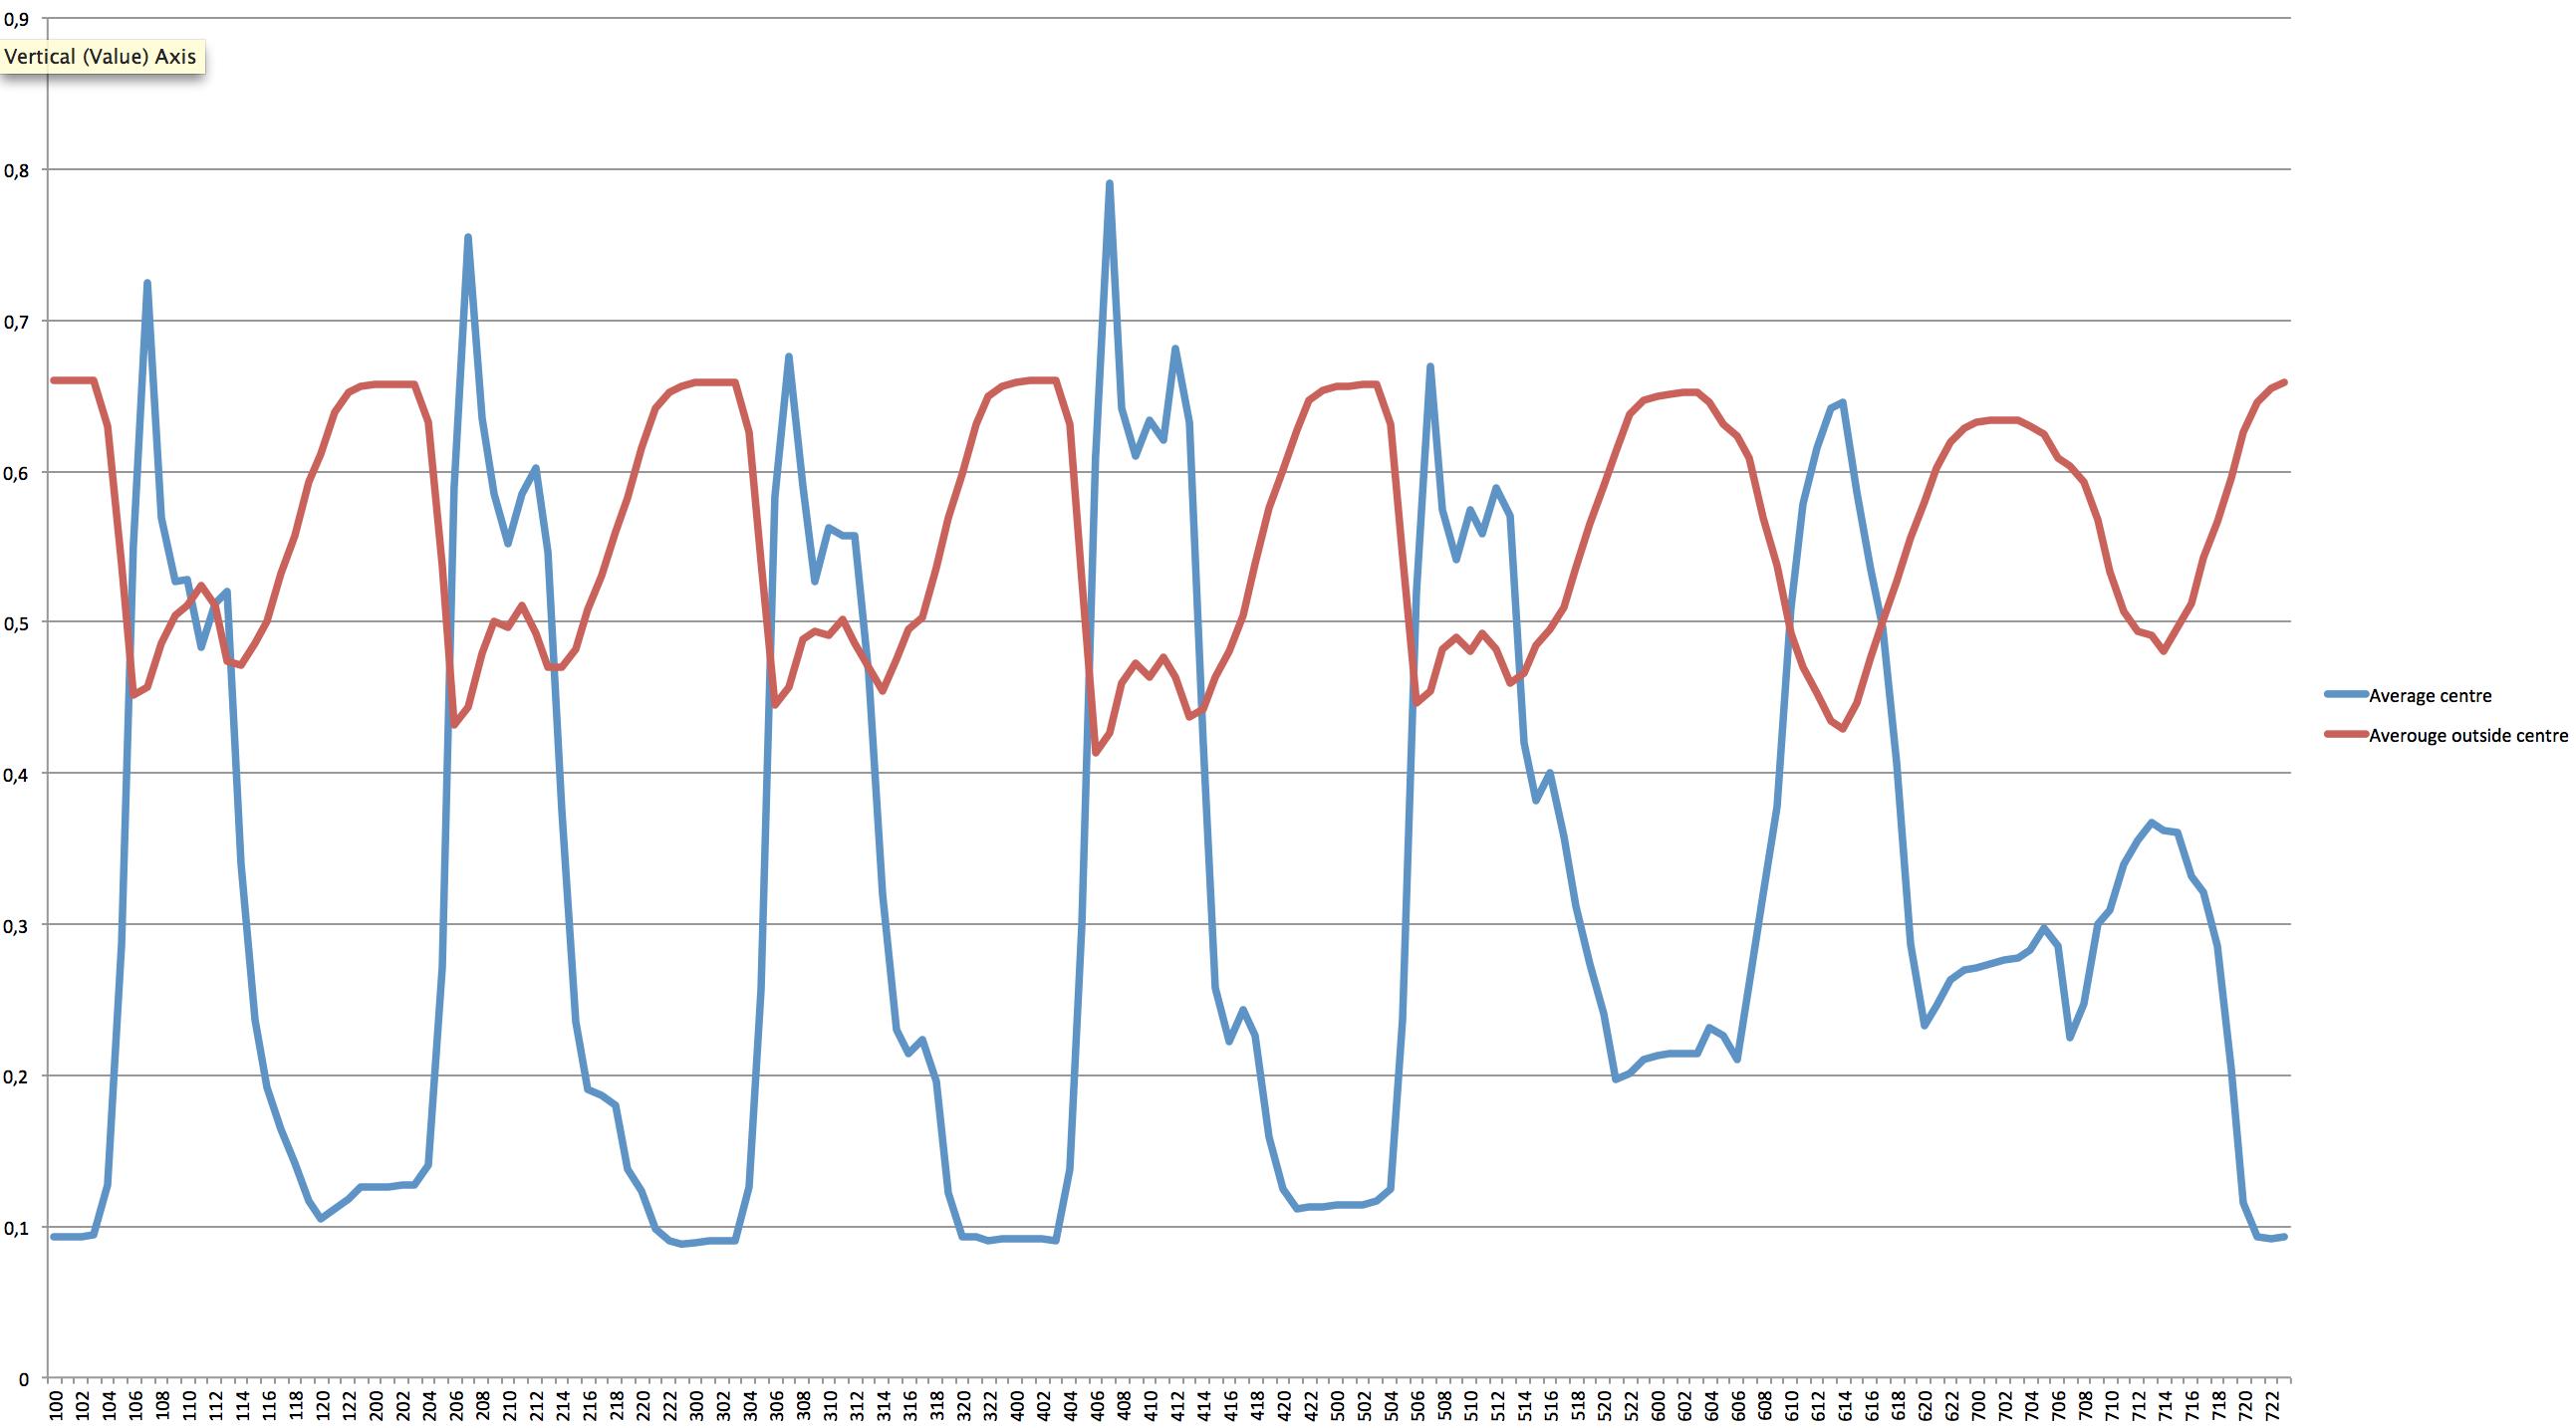 Average fill level of bike racks inside and outside city centre